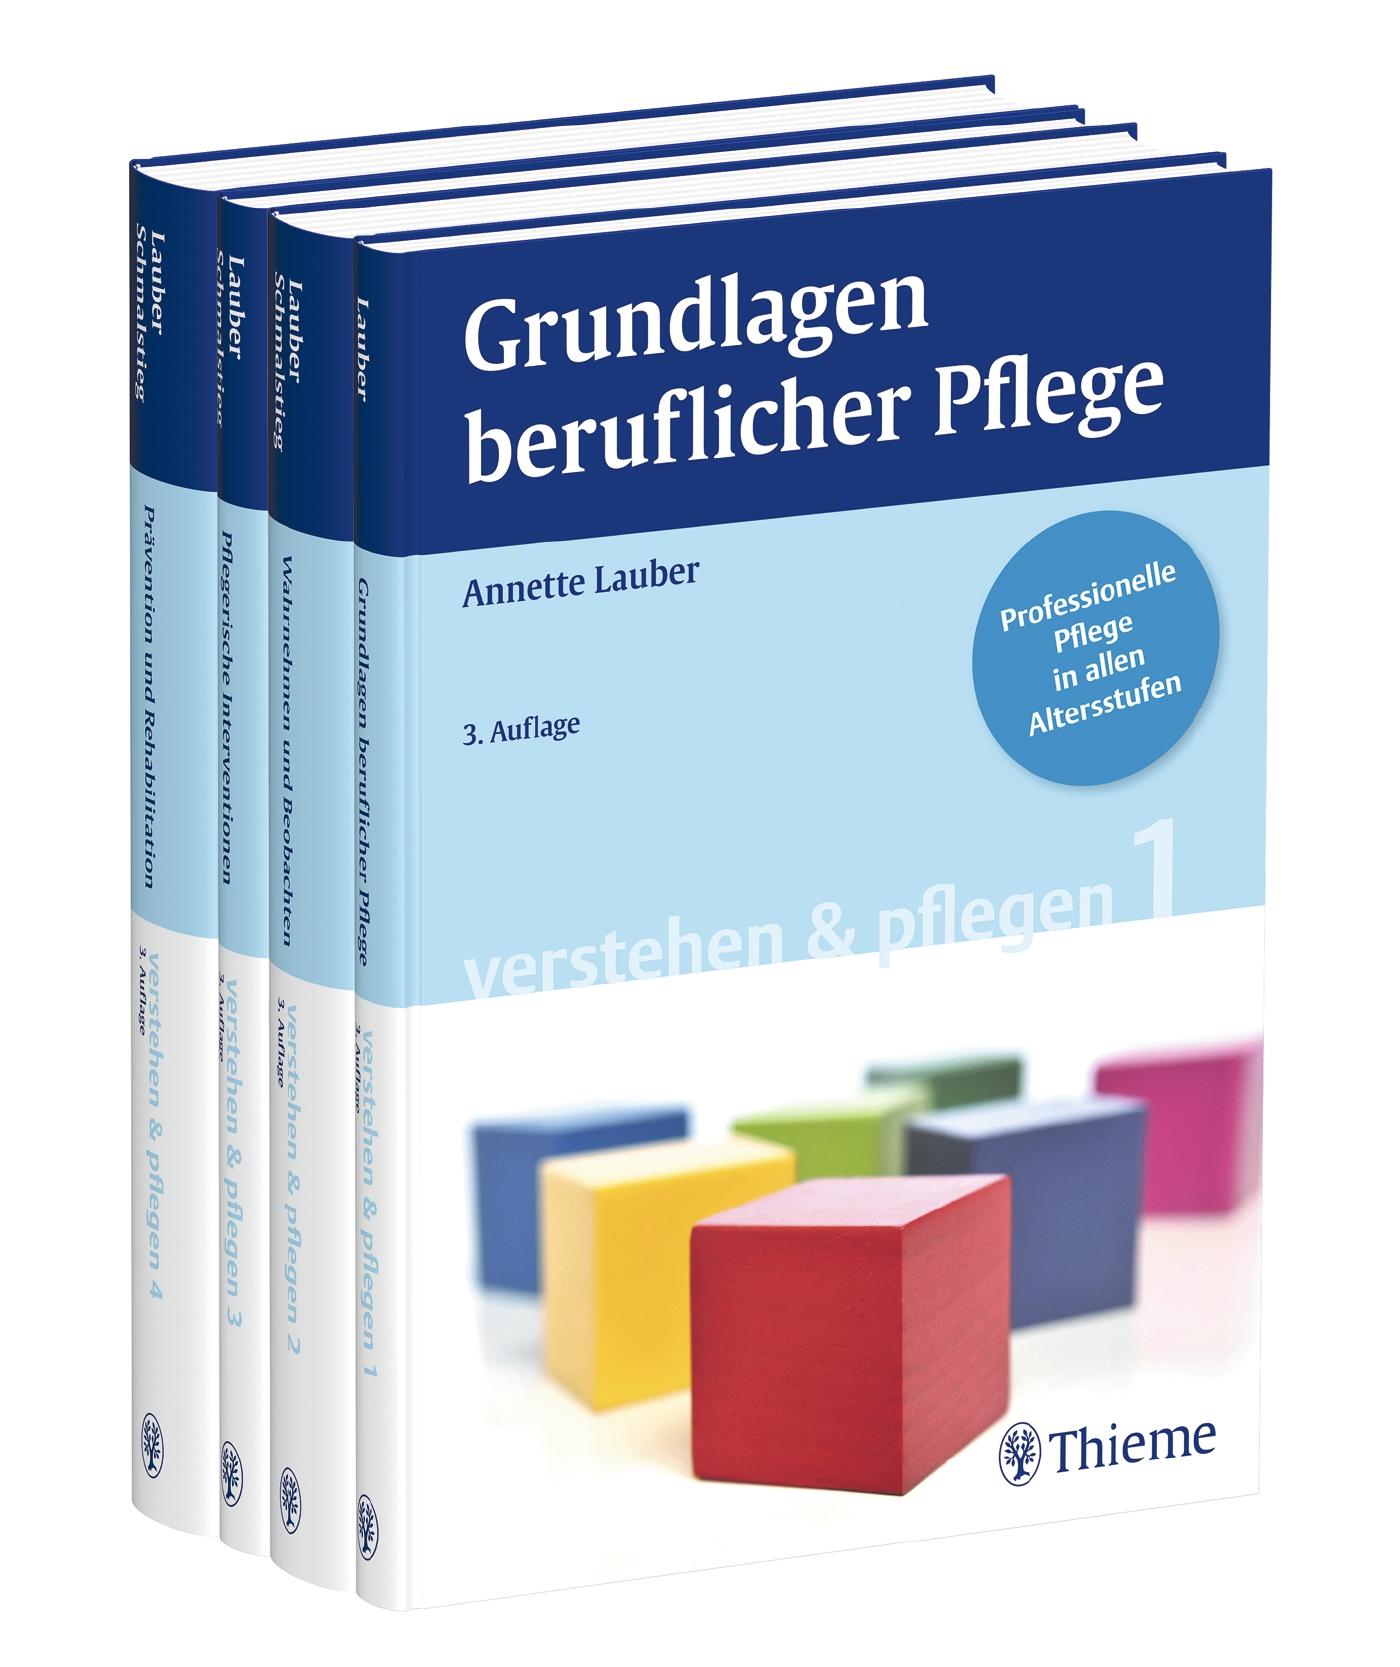 Lauber Pflege: Bände 1 - 4 - Annette Lauber [Broschiert, 3. Auflage 2012]